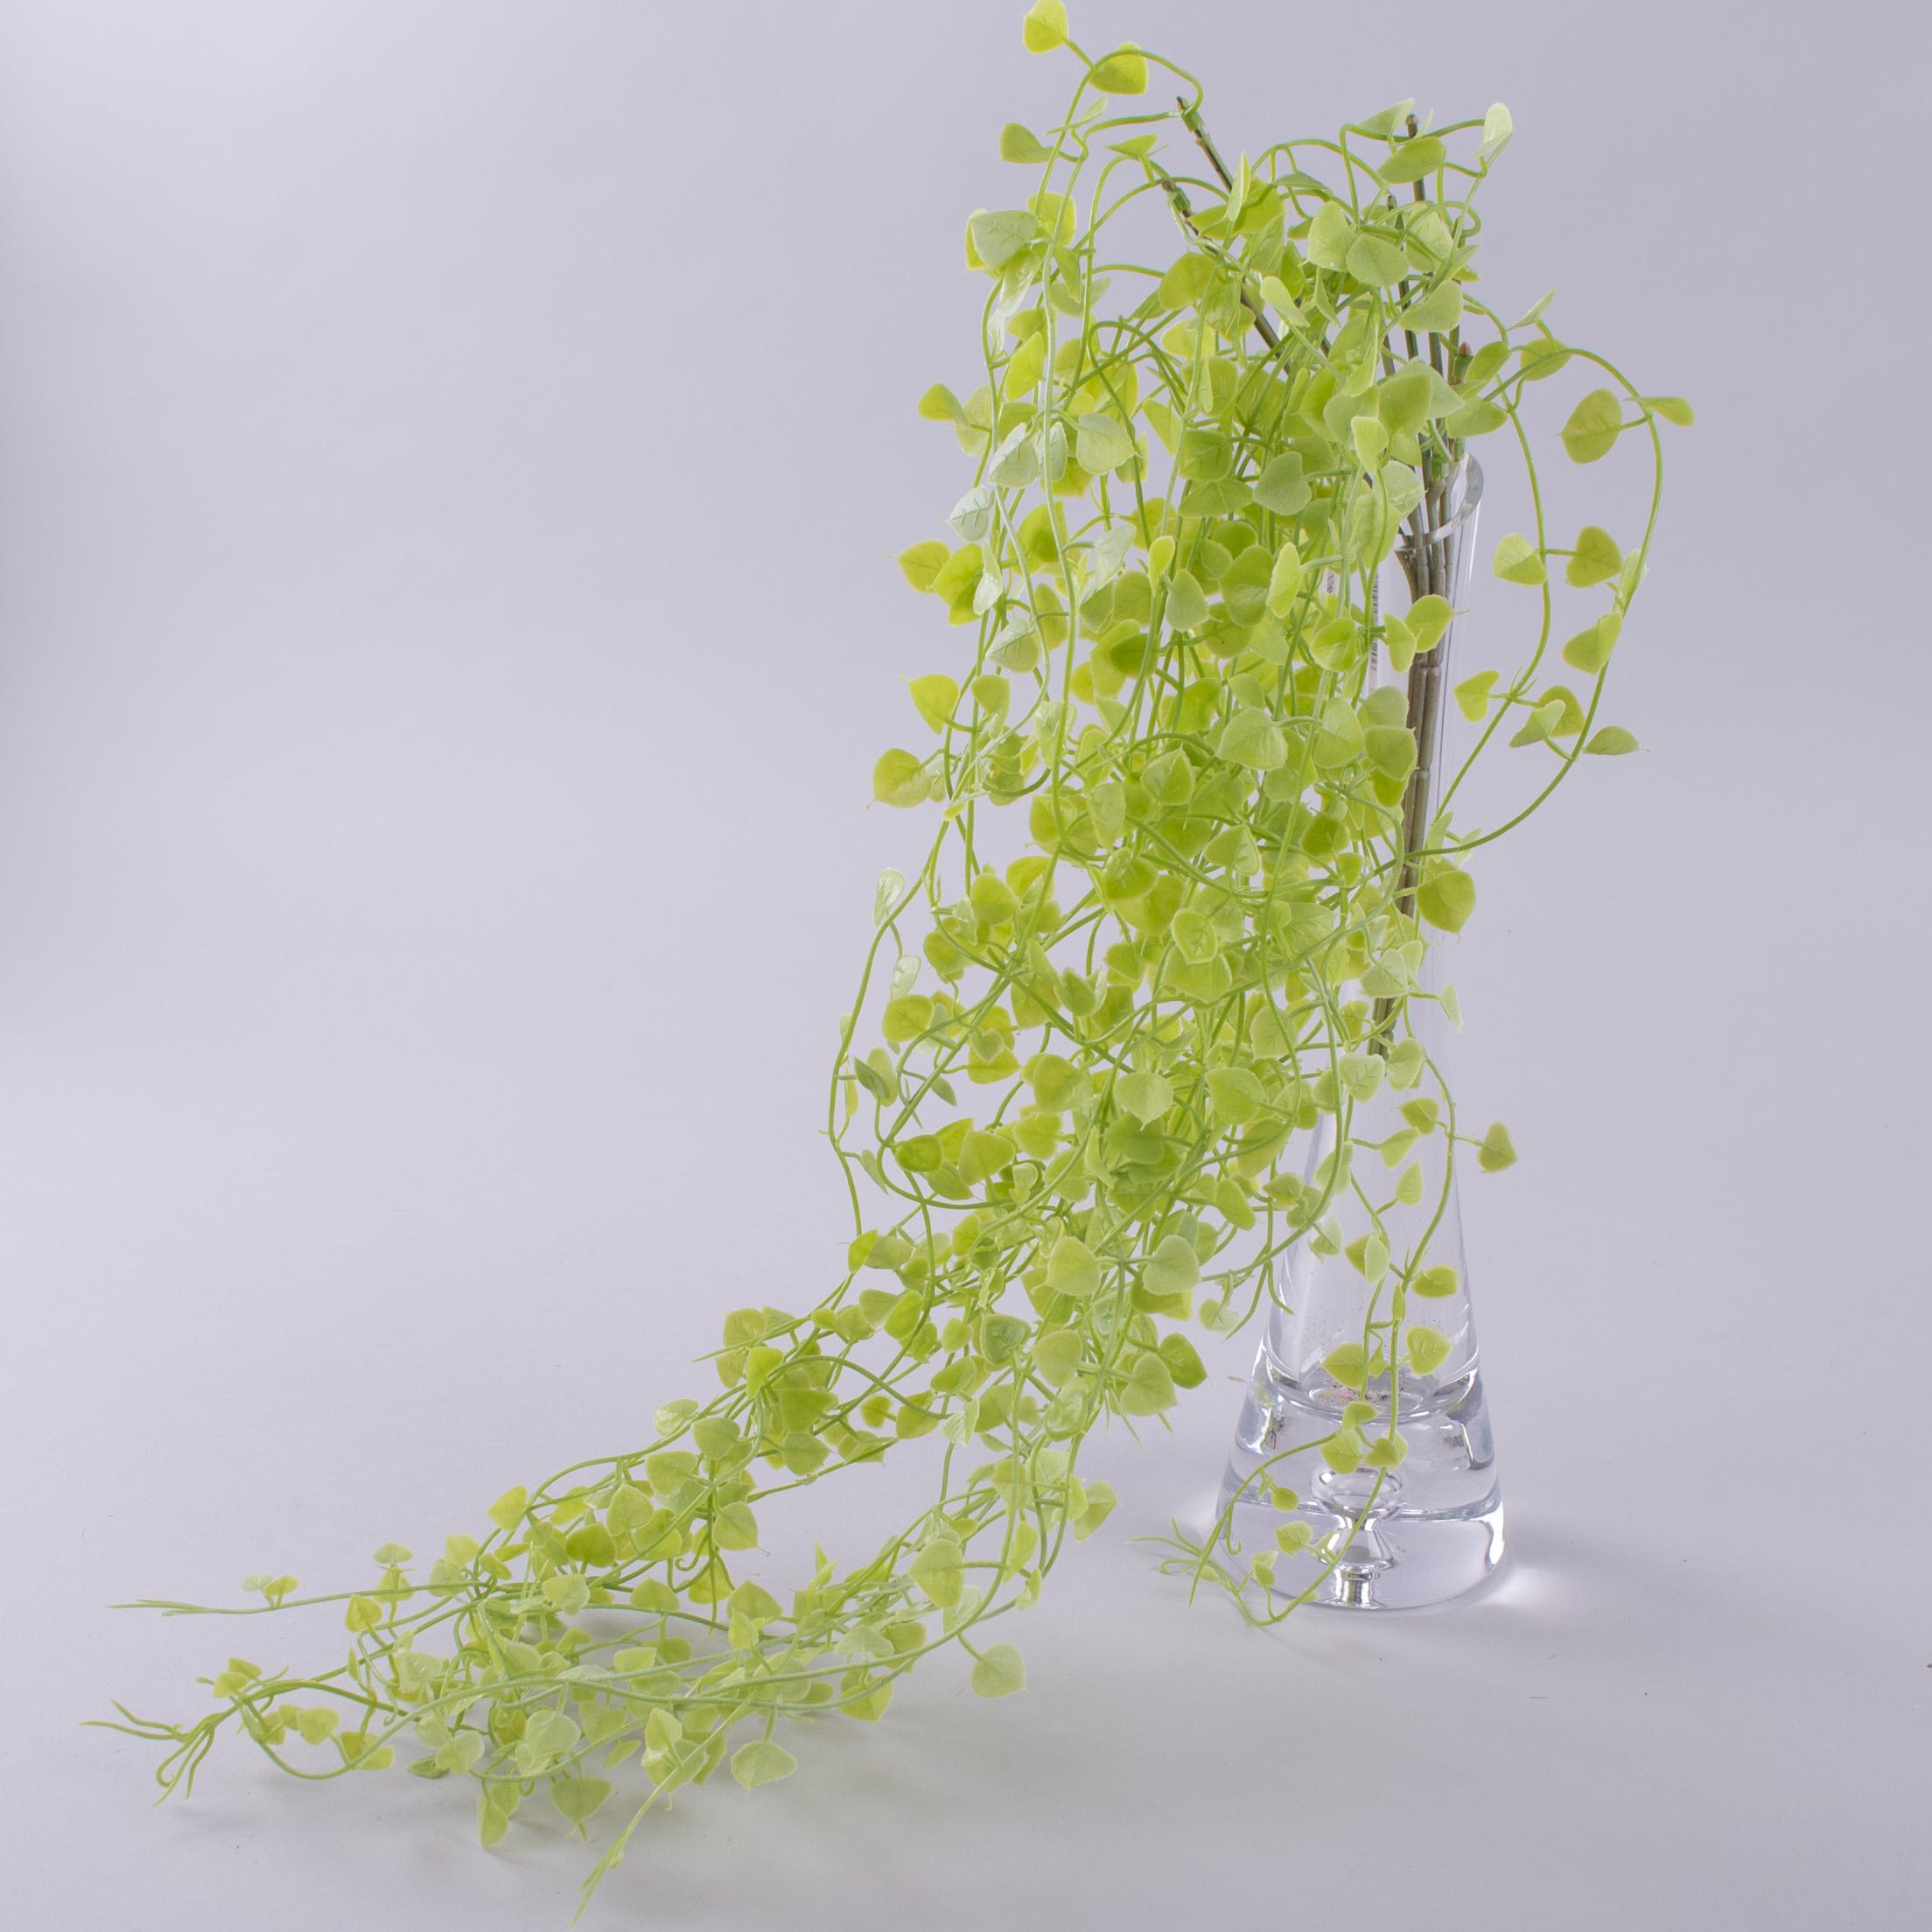 трава звисаюча штучна салатова